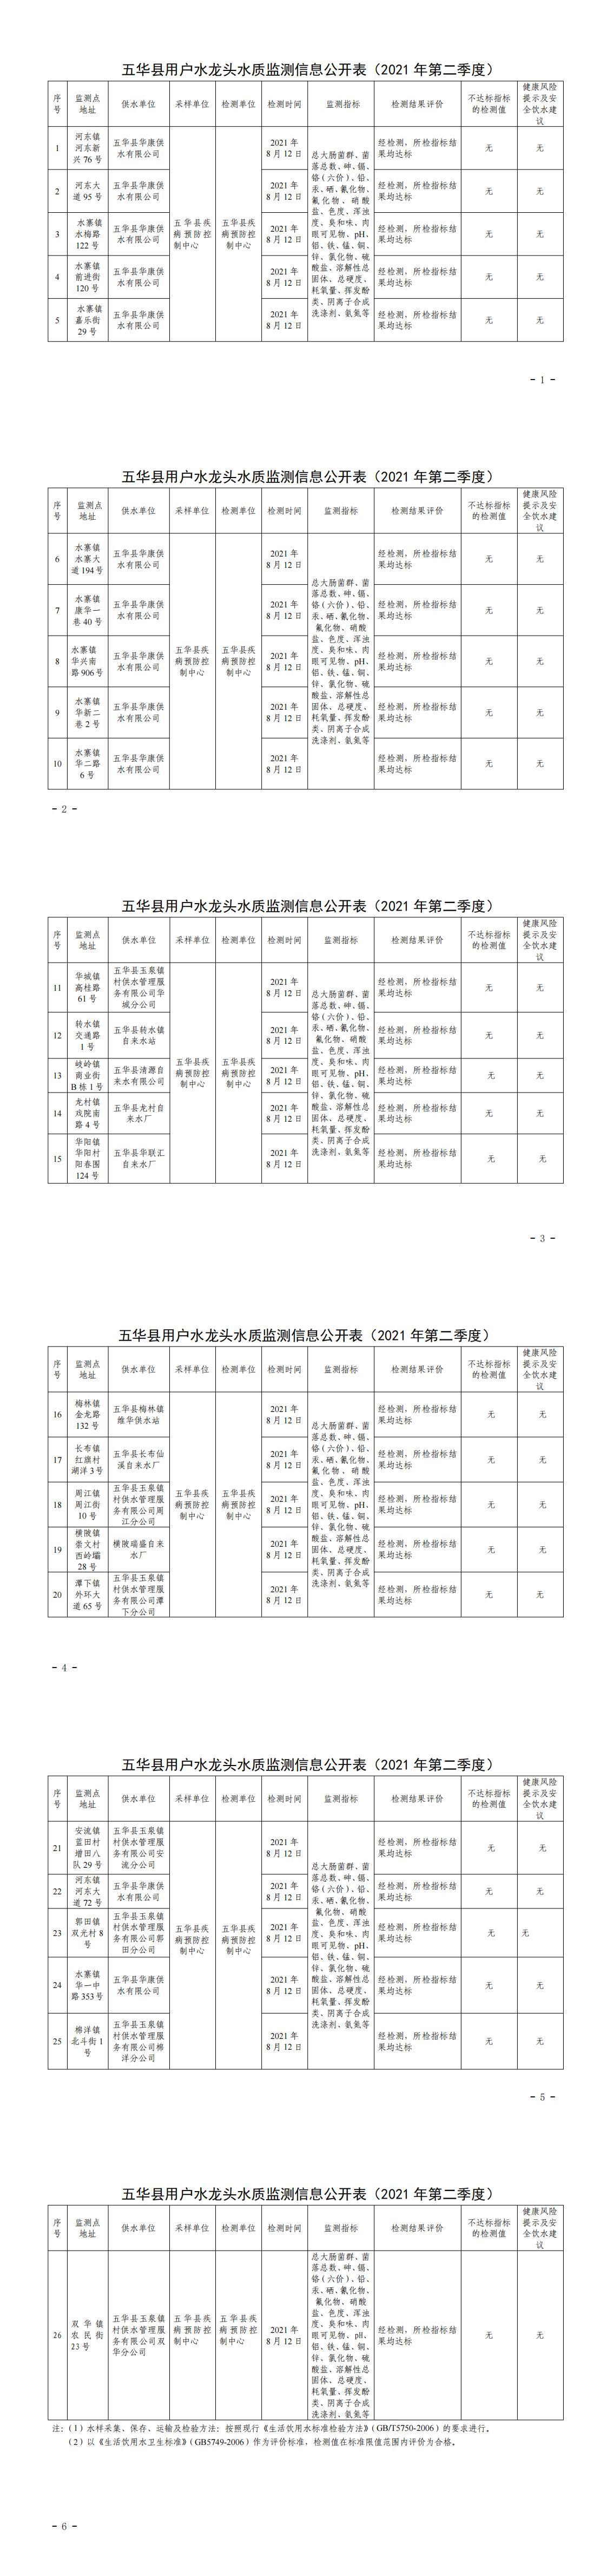 关于五华县2021年第二季度用户水龙头水质监测结果的报告_0.png